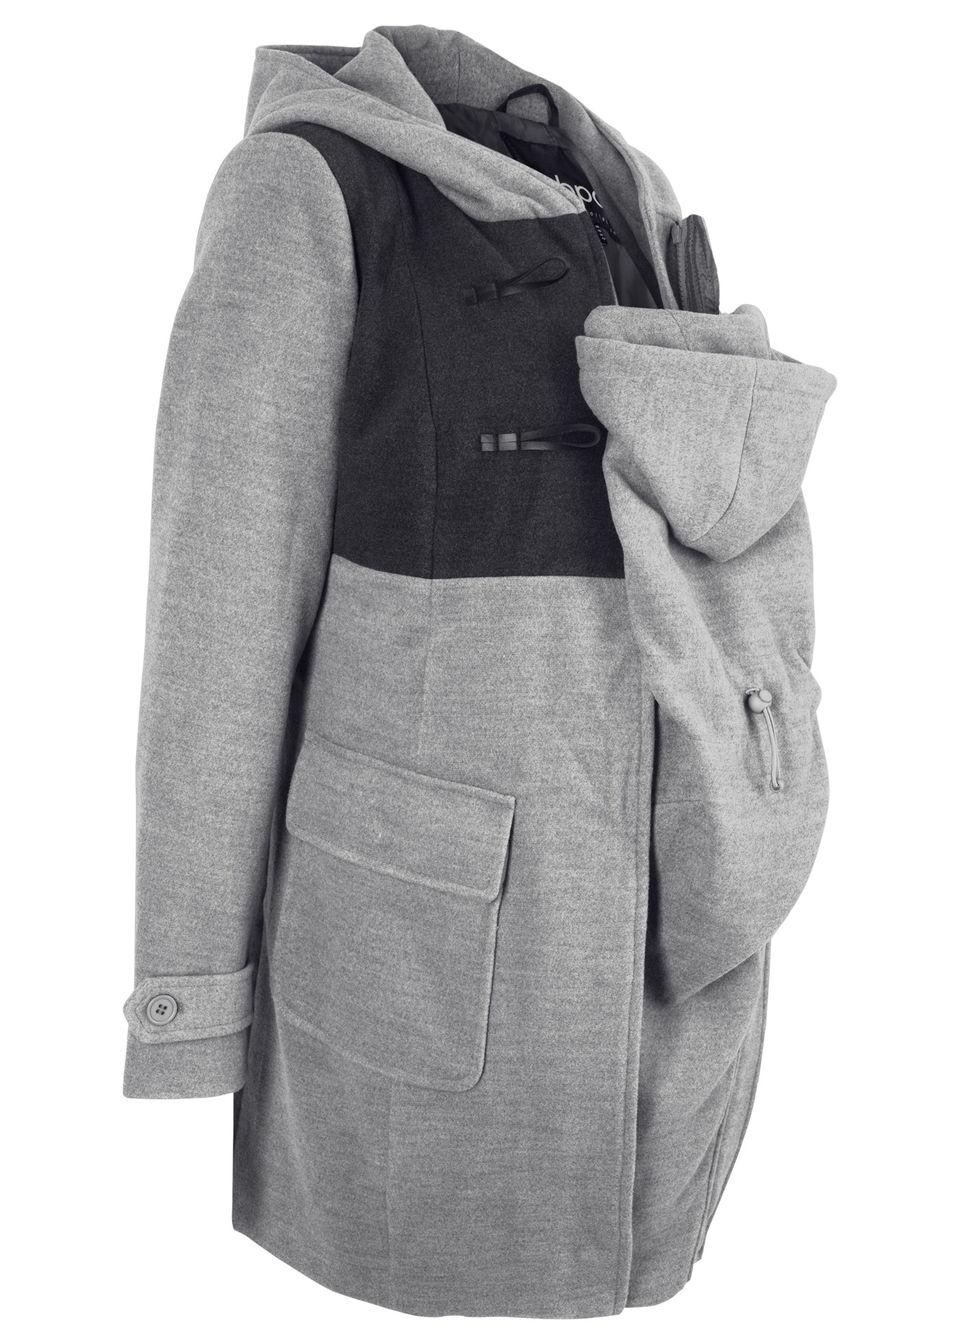 Дафлкот с карманом-вставкой для малыша от bonprix